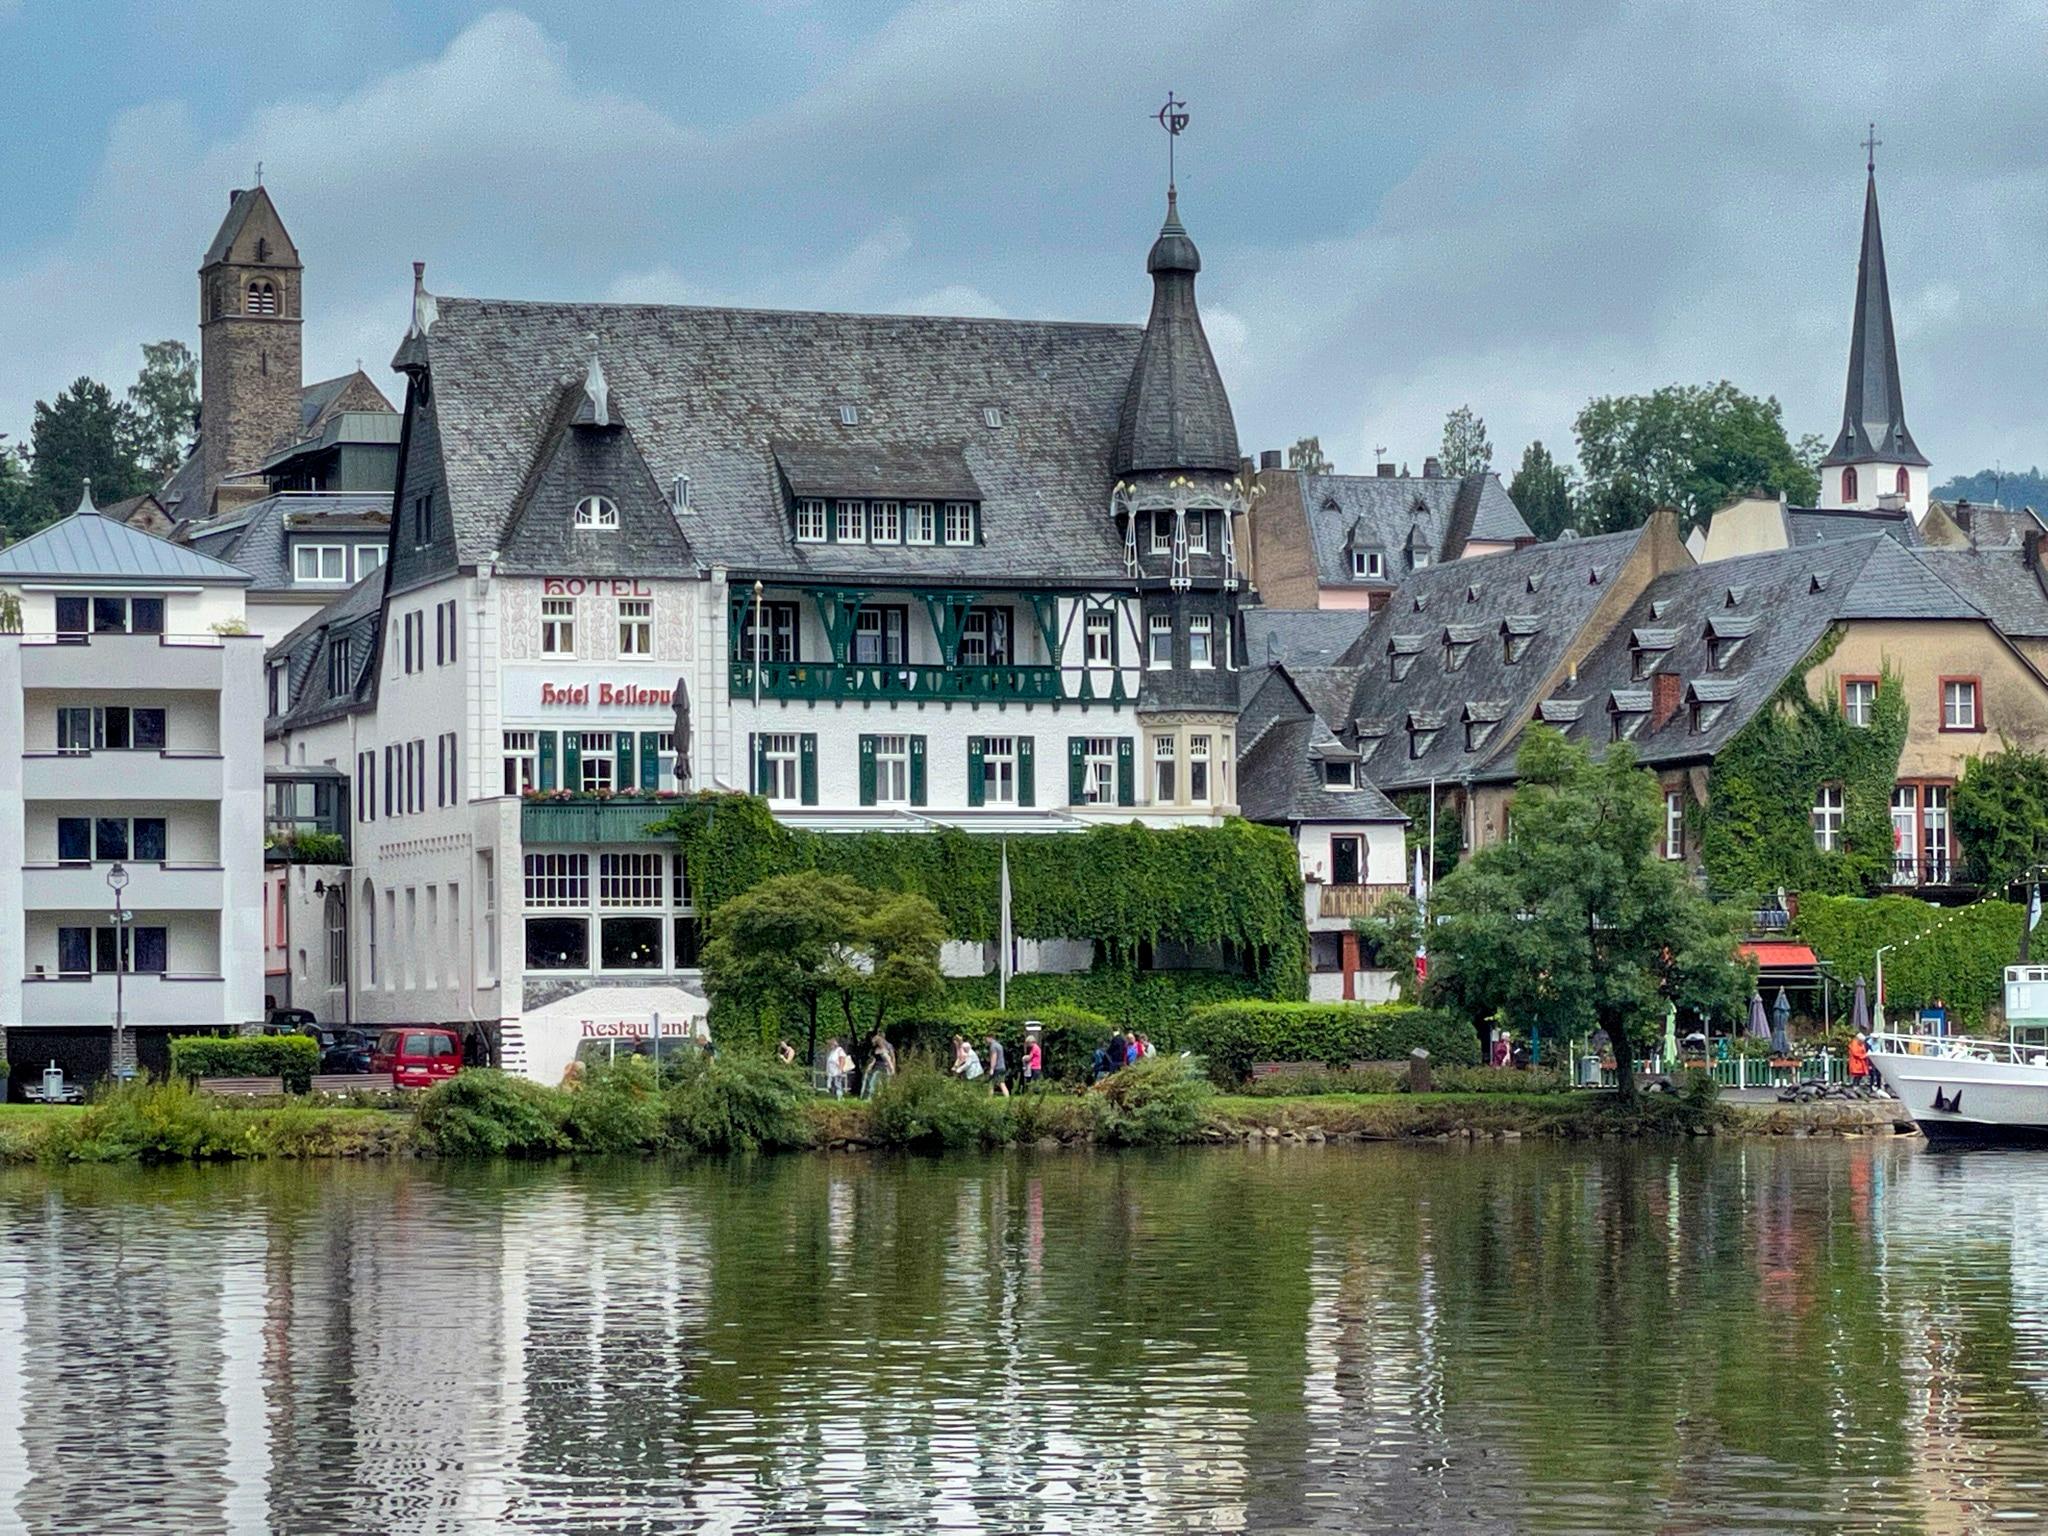 Blick über einen Fluss auf ein klissizistisches Hotel mit Türmchen